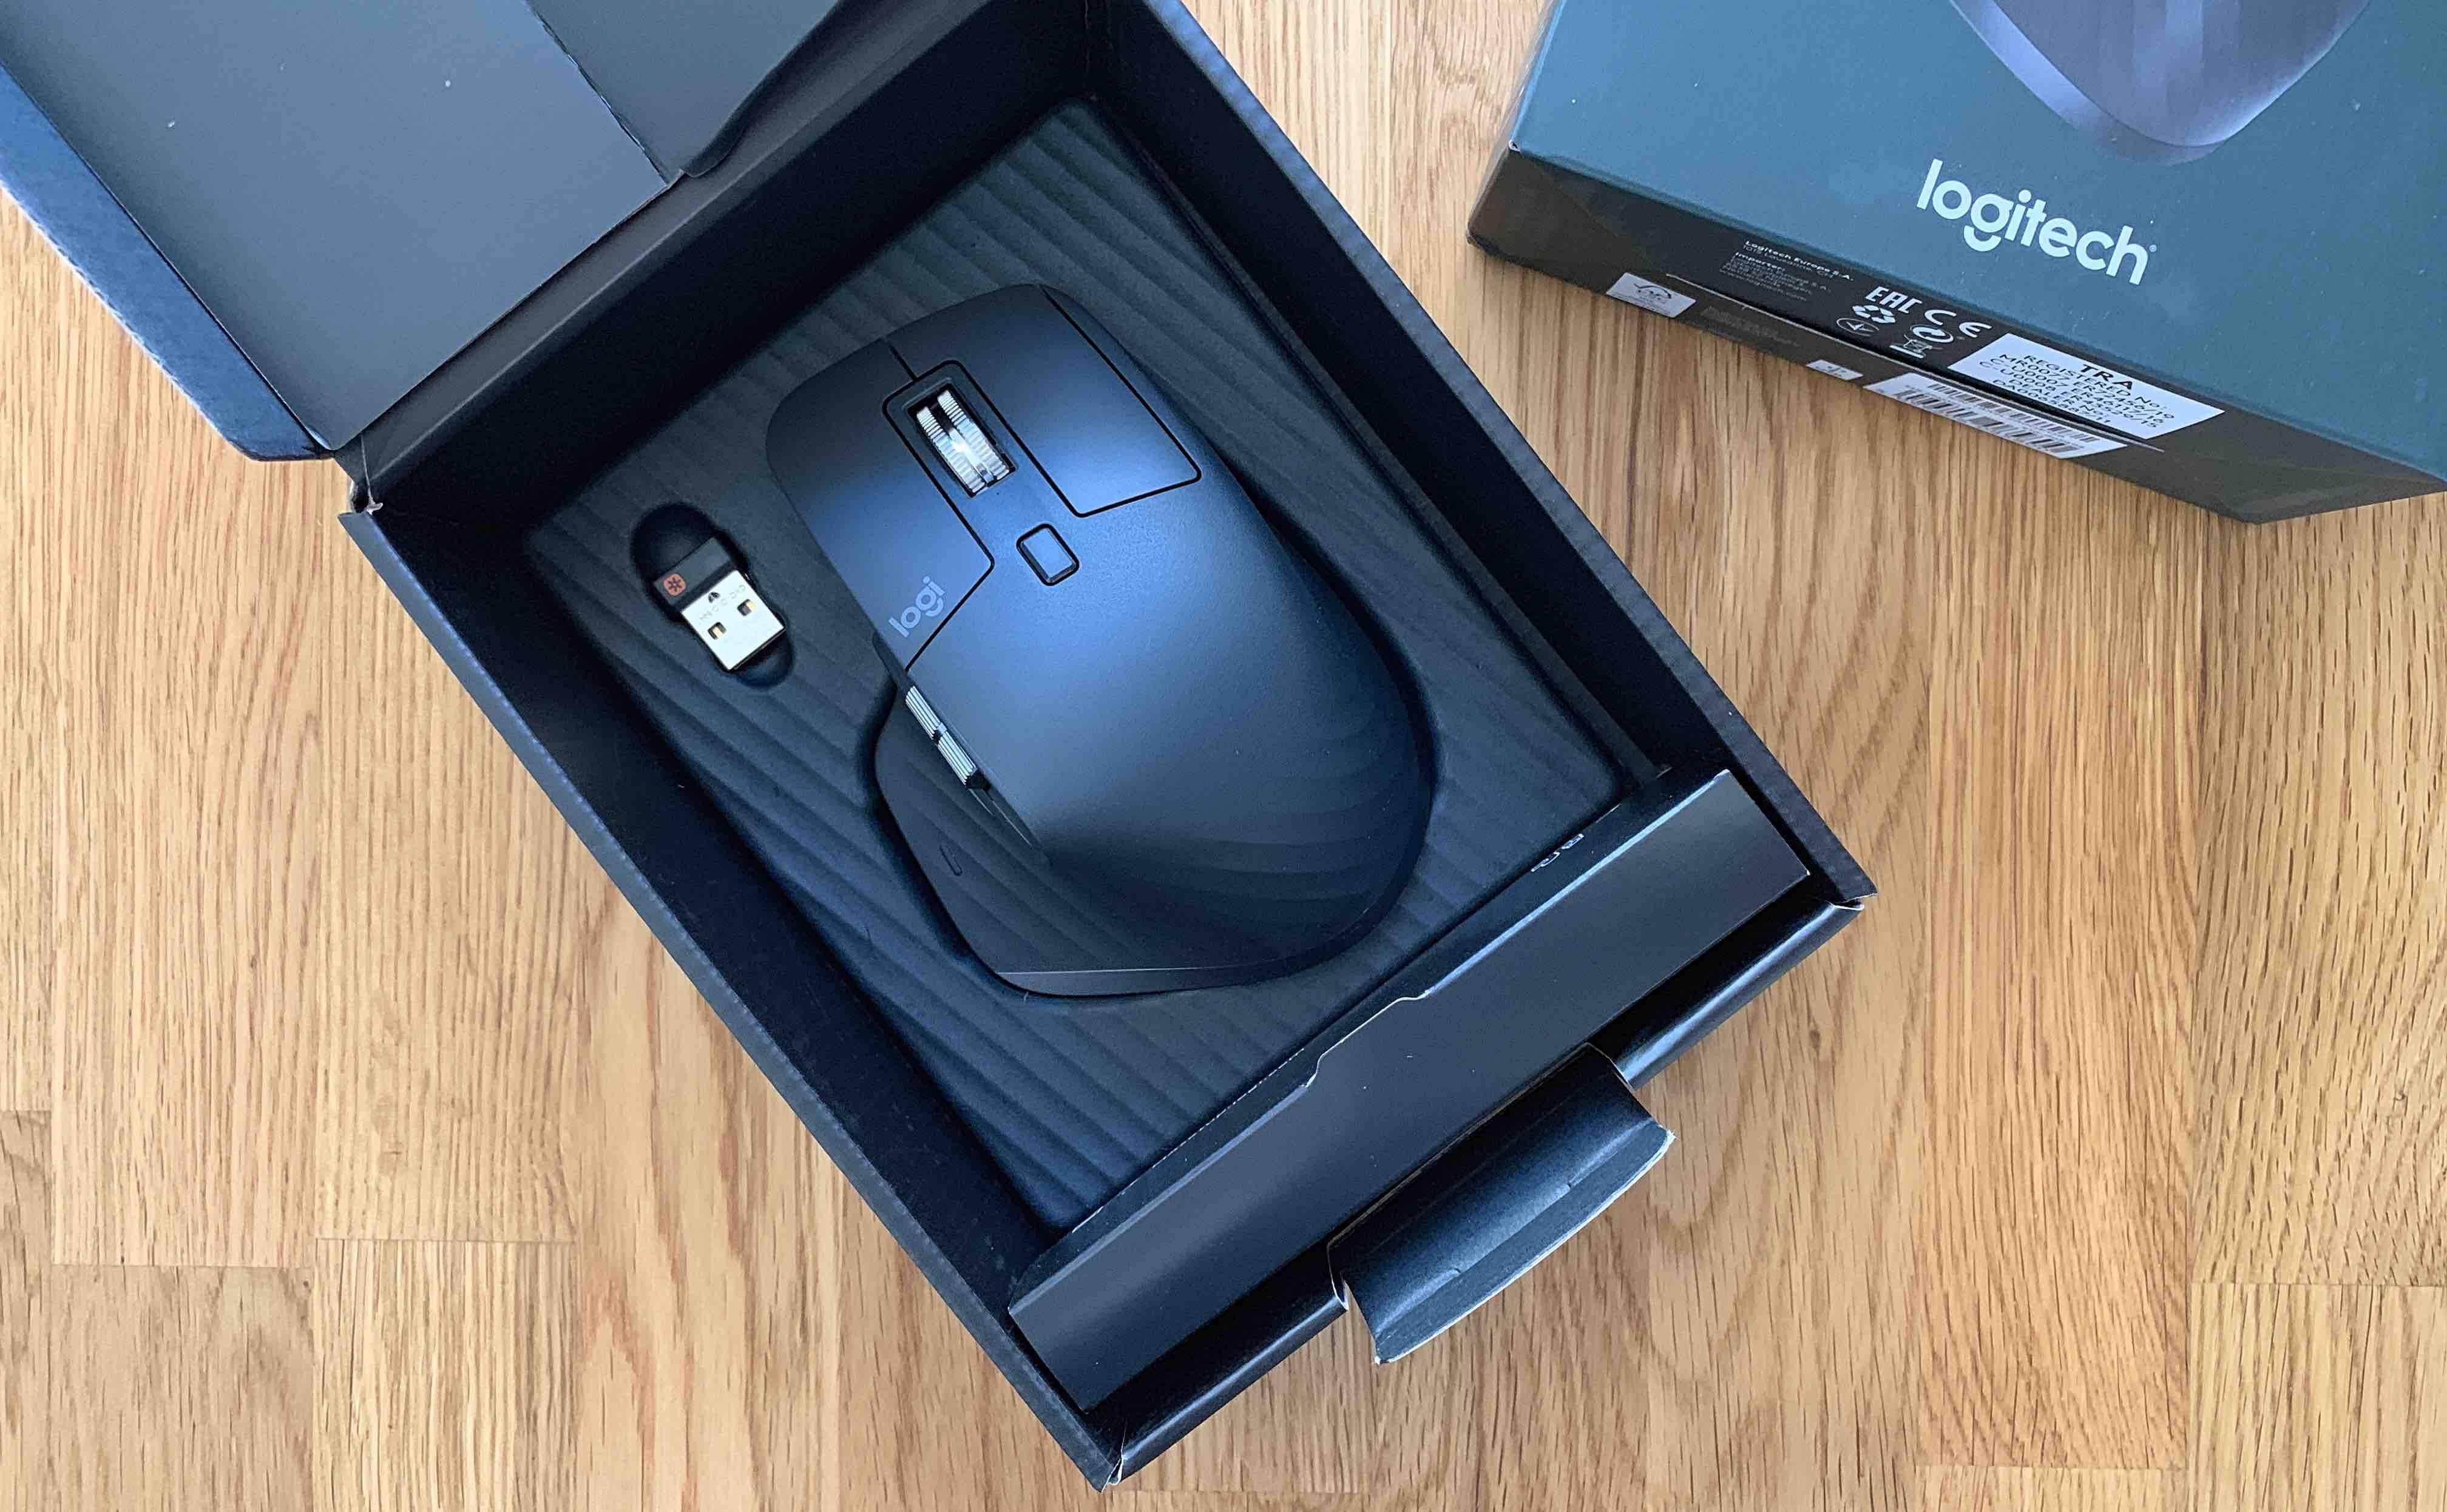 Logitech_MX_Master_3_Maus_Mouse_Mac_Review3 MX Master 3 von Logitech - die perfekte Maus für den Mac